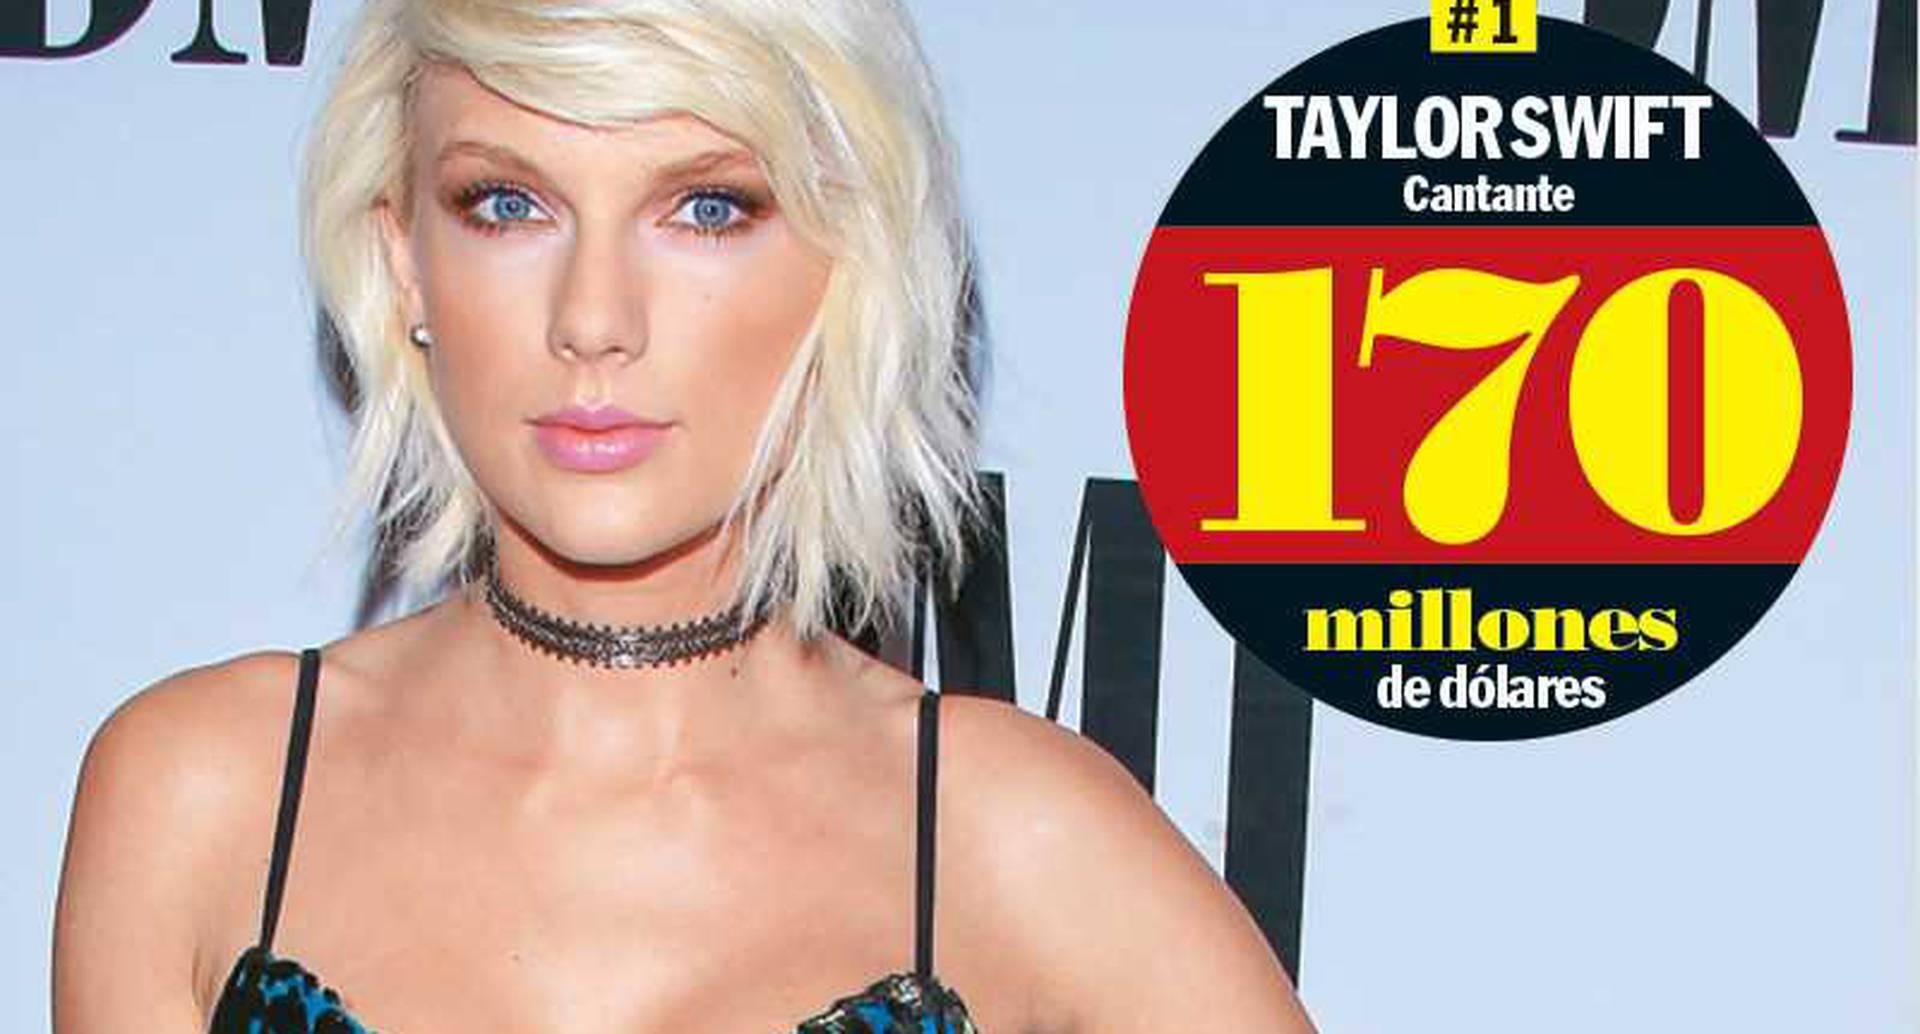 #1 - Taylor Swift: La cantante superó el récord de 135 millones que su archirrival, Katy Perry, había marcado en el ranking anterior, y ratificó que la música puede ser muy rentable si se sabe aprovechar el cuarto de hora. 'The 1989 World Tour' recaudó casi 200 millones de dólares solo en Norteamérica, rompiendo el récord de 162 millones que ostentaban los Rolling Stones desde 2005. Además, los contratos que firmó con Diet Coke, Keds y Apple le dieron importantes réditos. Pero Taylor va por más: ya desarrolla su juego para tabletas y teléfonos móviles.